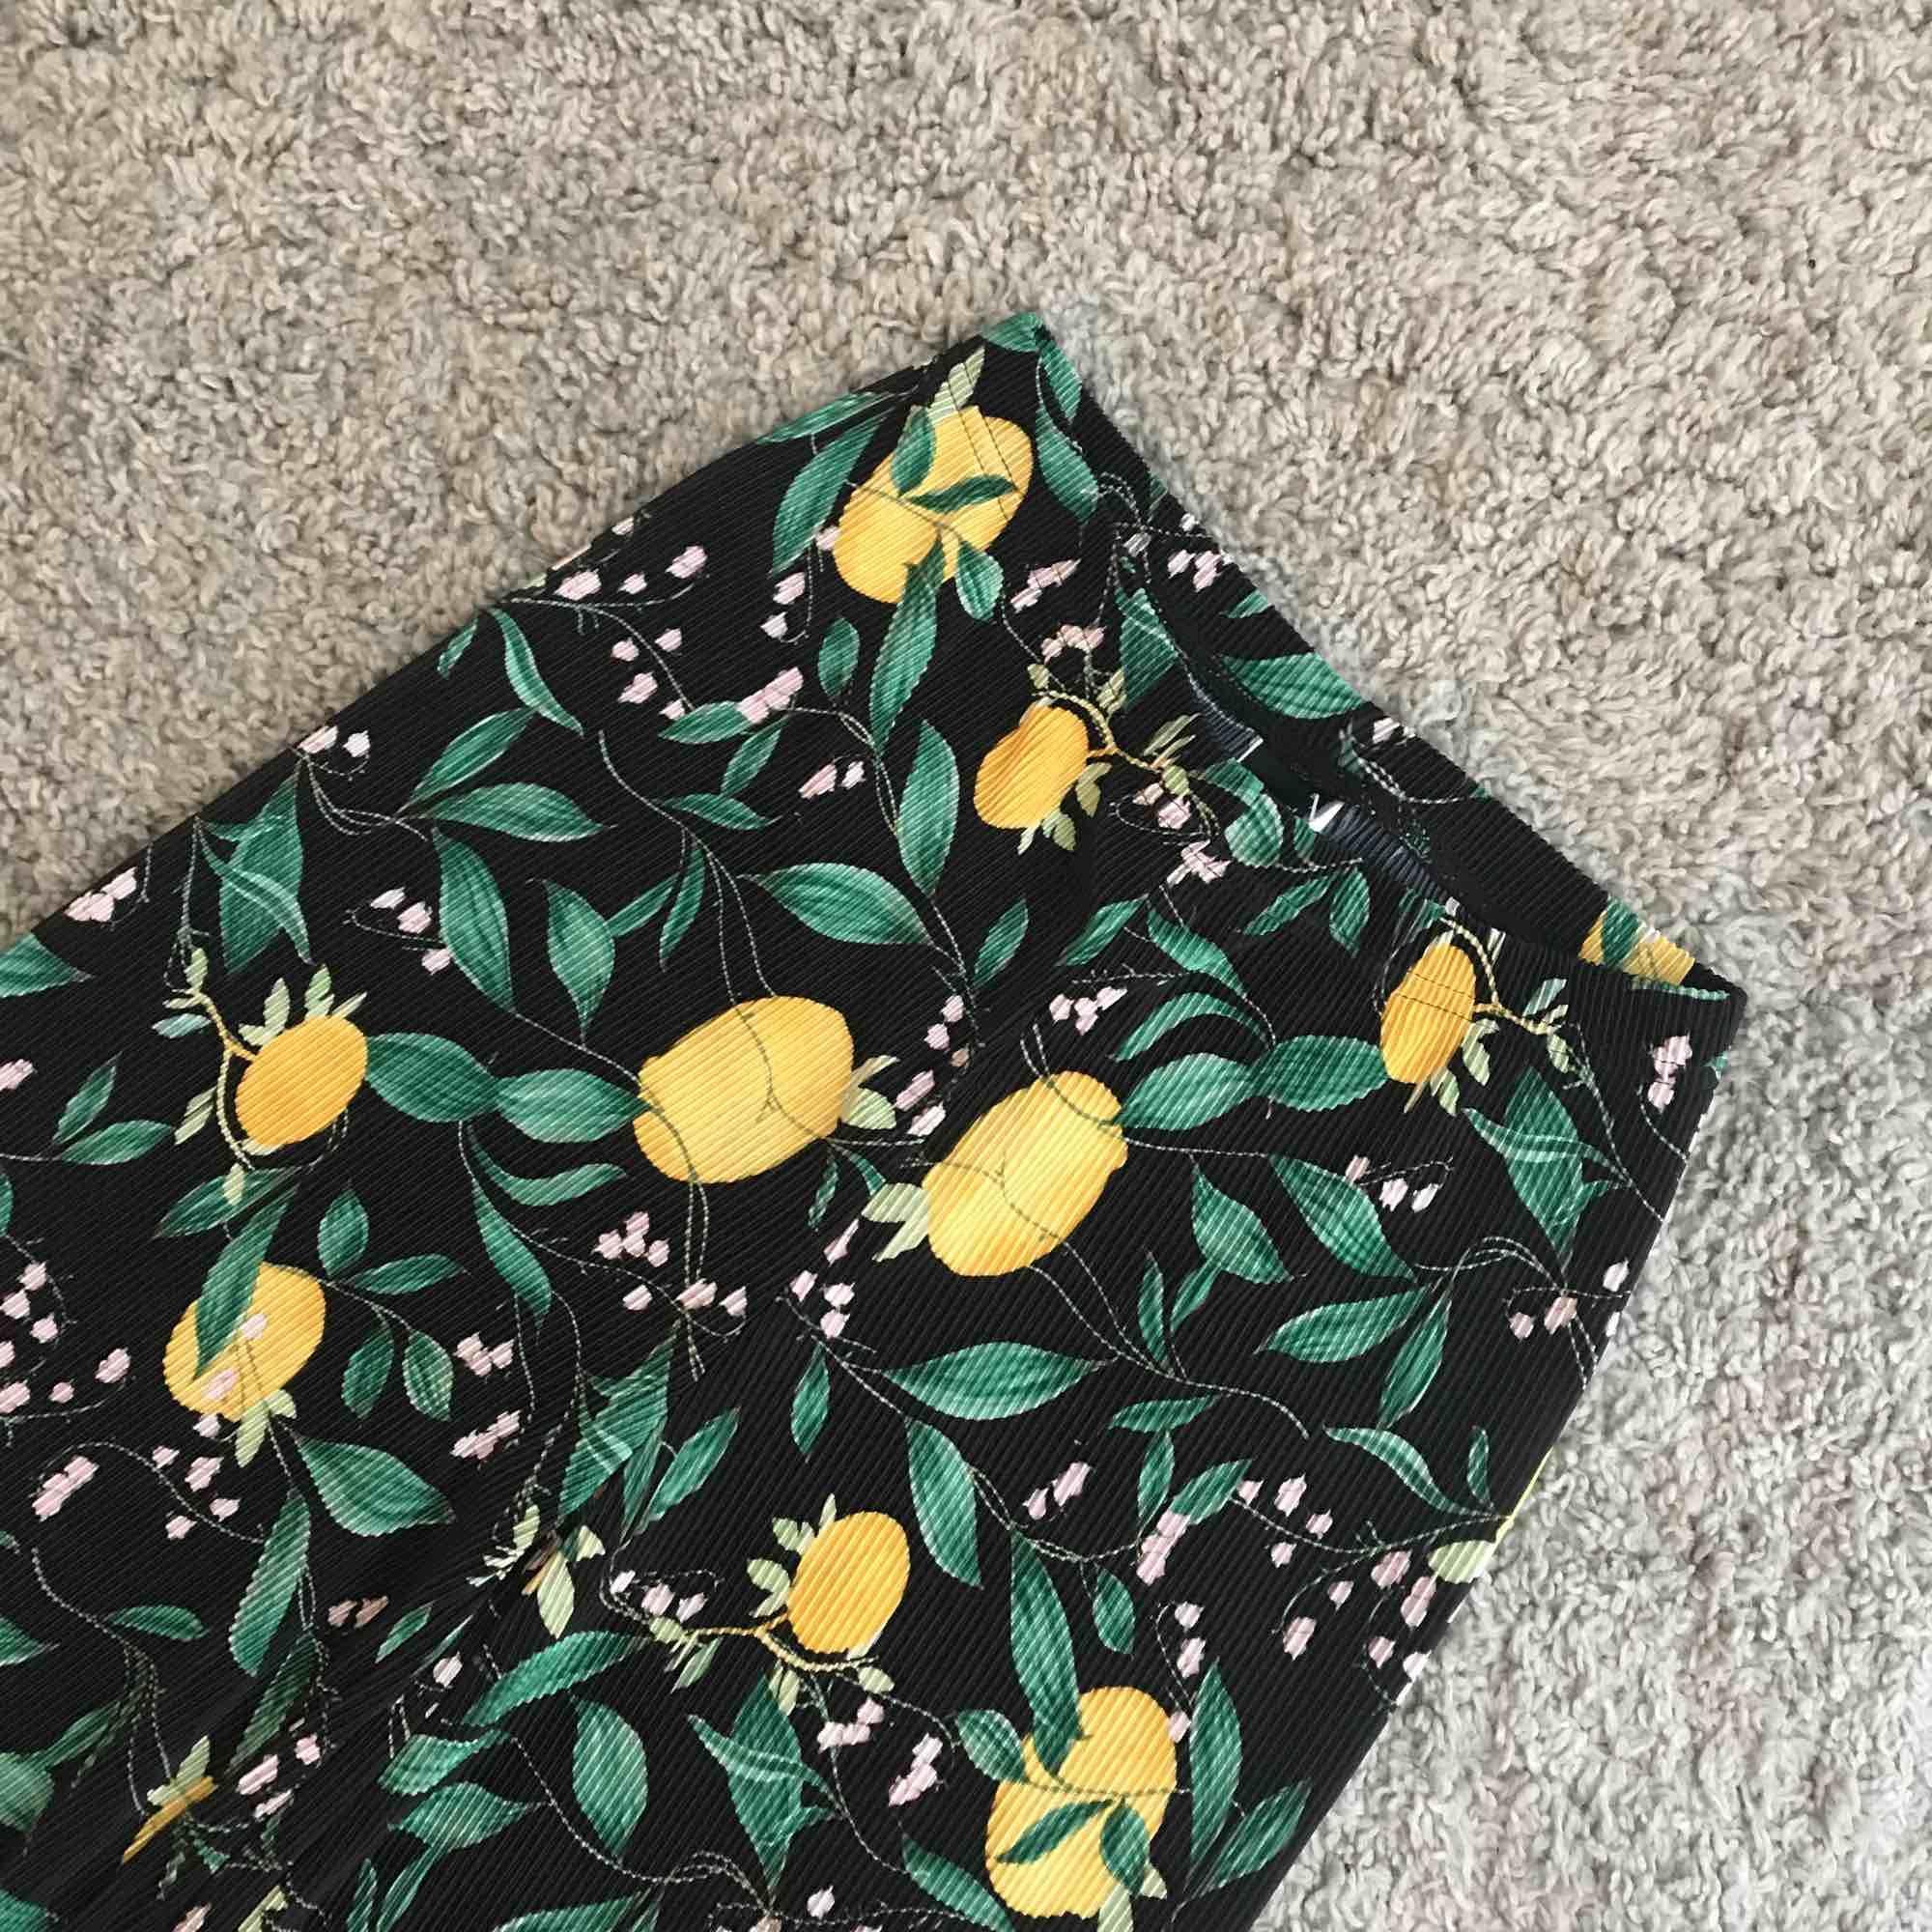 Fantastiska lösa byxor i citronprint! Perfekta som svala vår- och sommarbyxor. Oanvända med lapp kvar! Sålde slut snabbt 🍋🍊🍋🍊🍋. Jeans & Byxor.